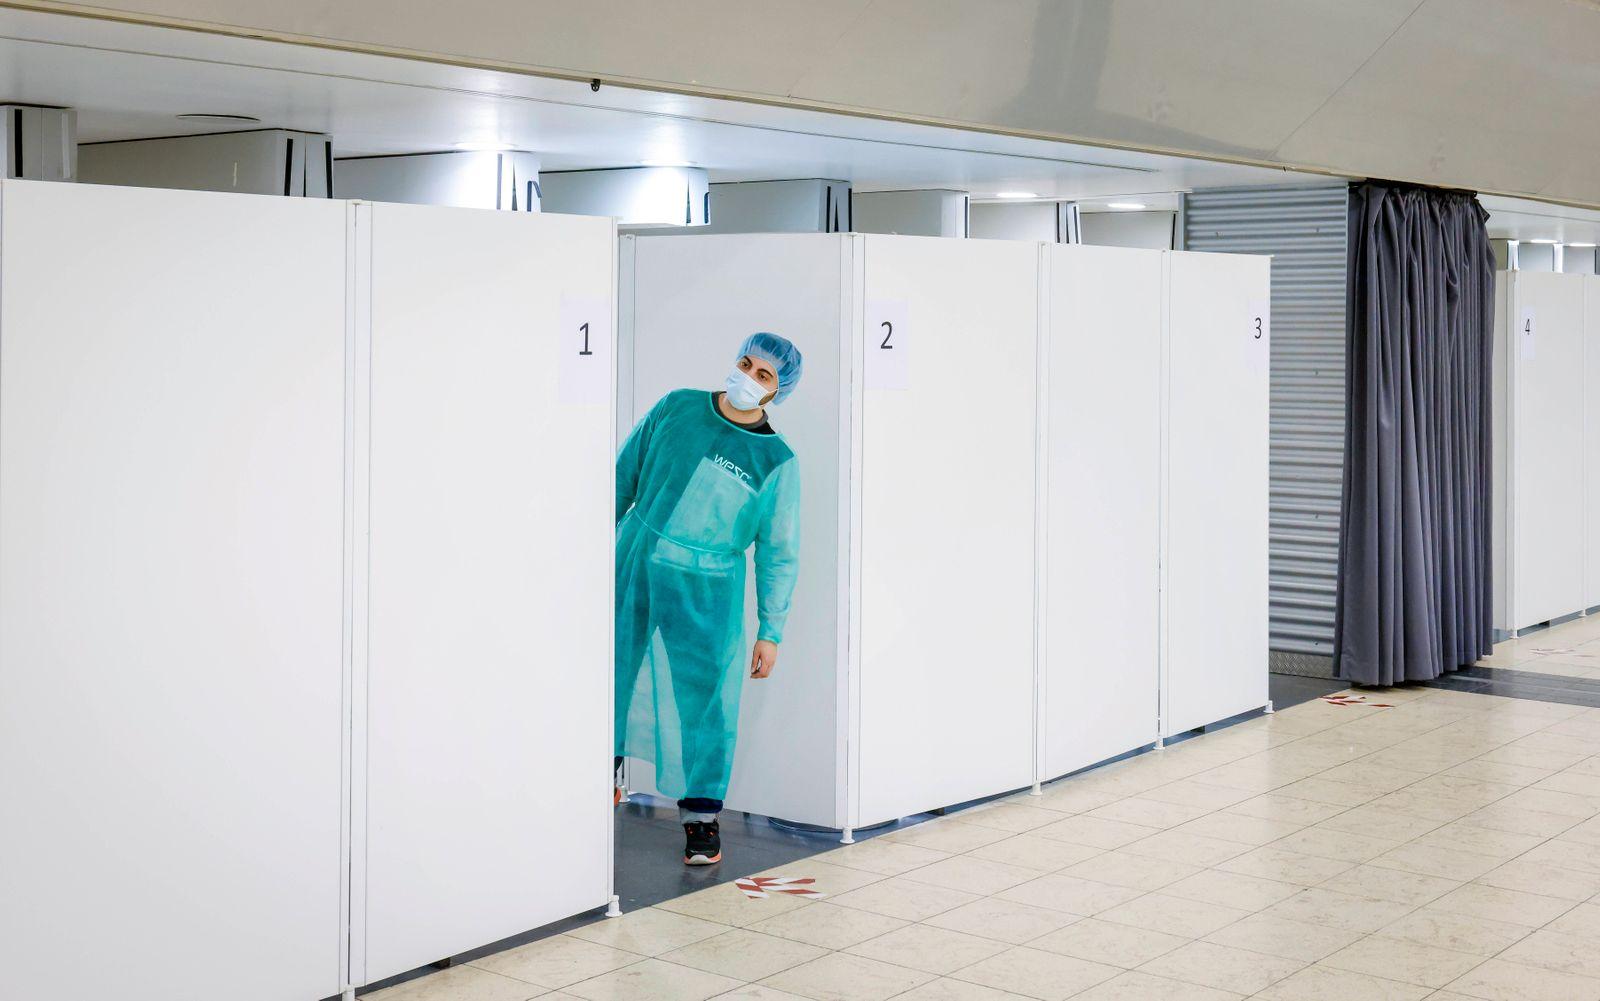 Essen, Nordrhein-Westfalen, Deutschland - Corona Testzentrum Grugahalle für gratis Bürgertest geöffnet, Covid Schnelltes